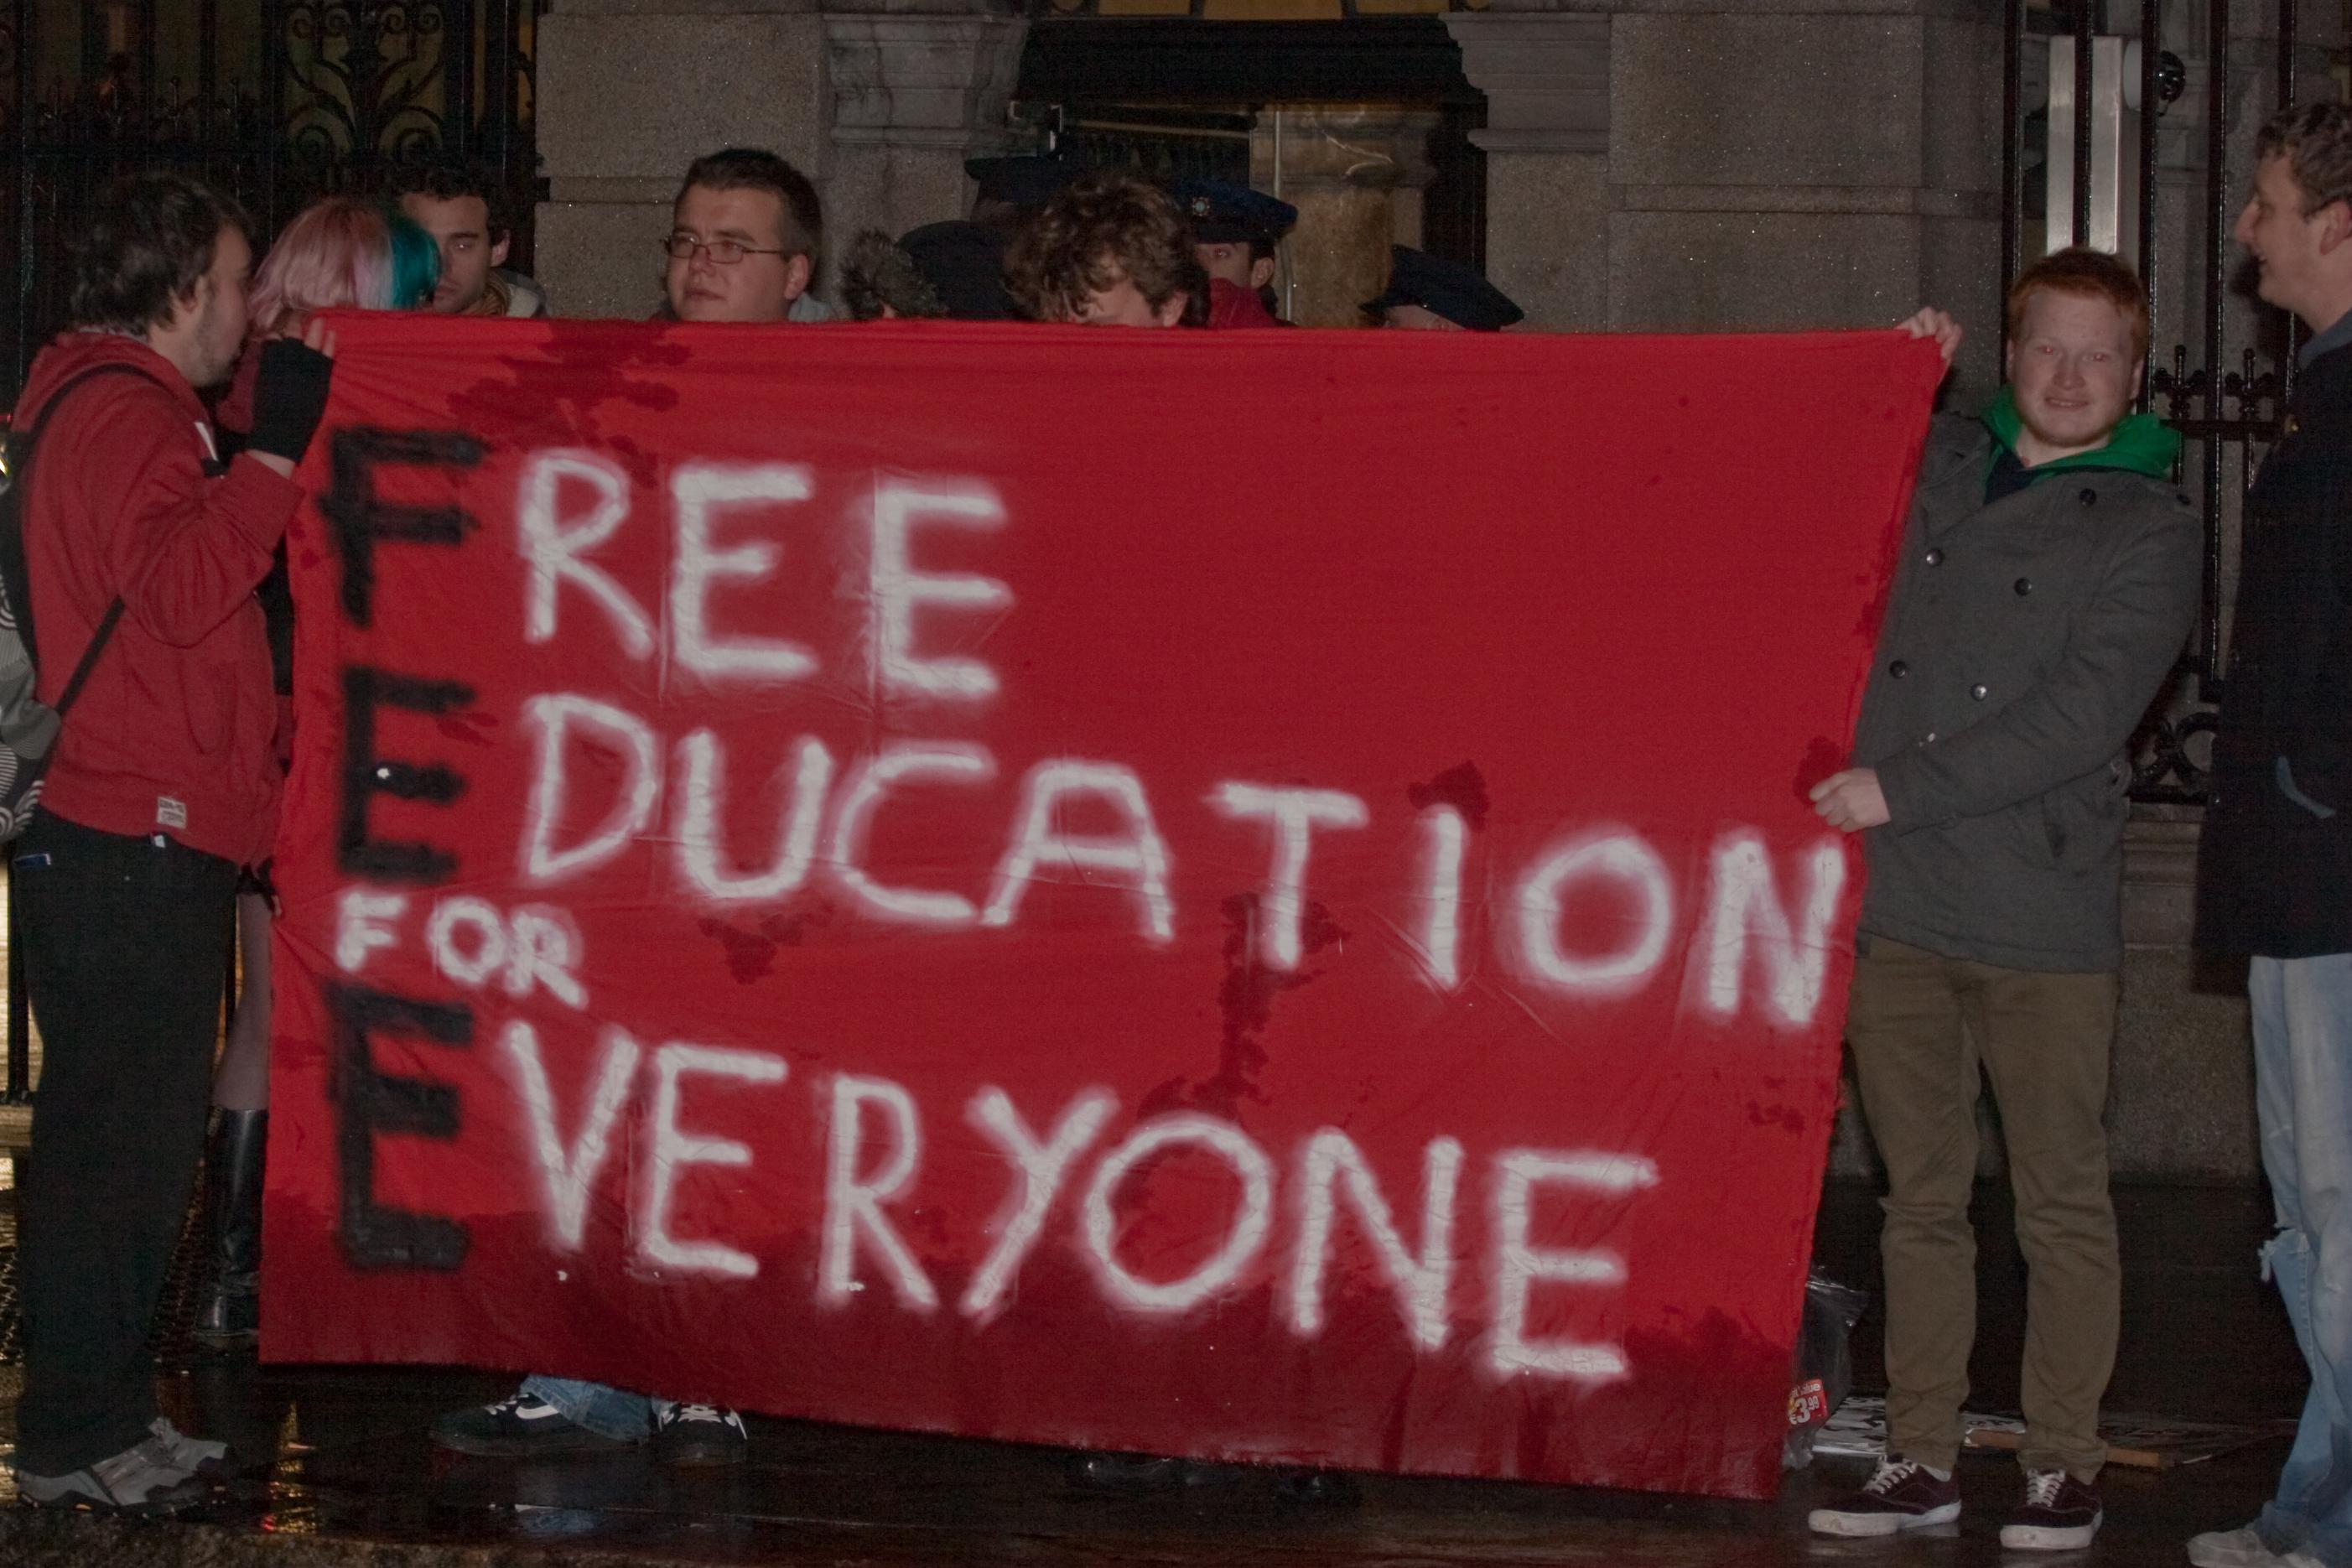 University education free uk dating